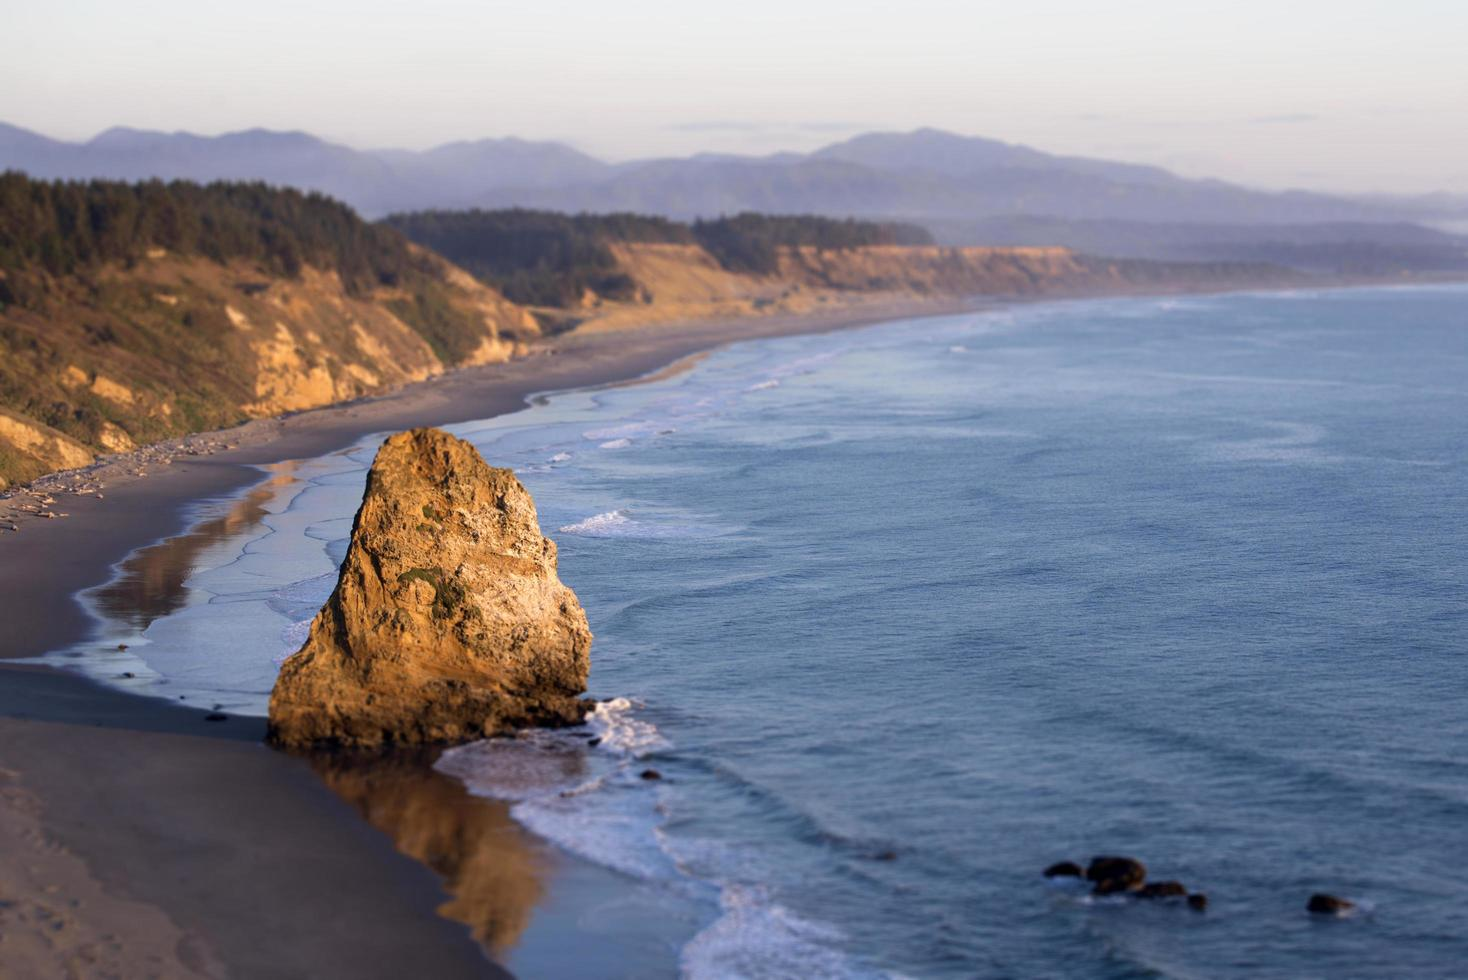 Felsformation an der Küste foto